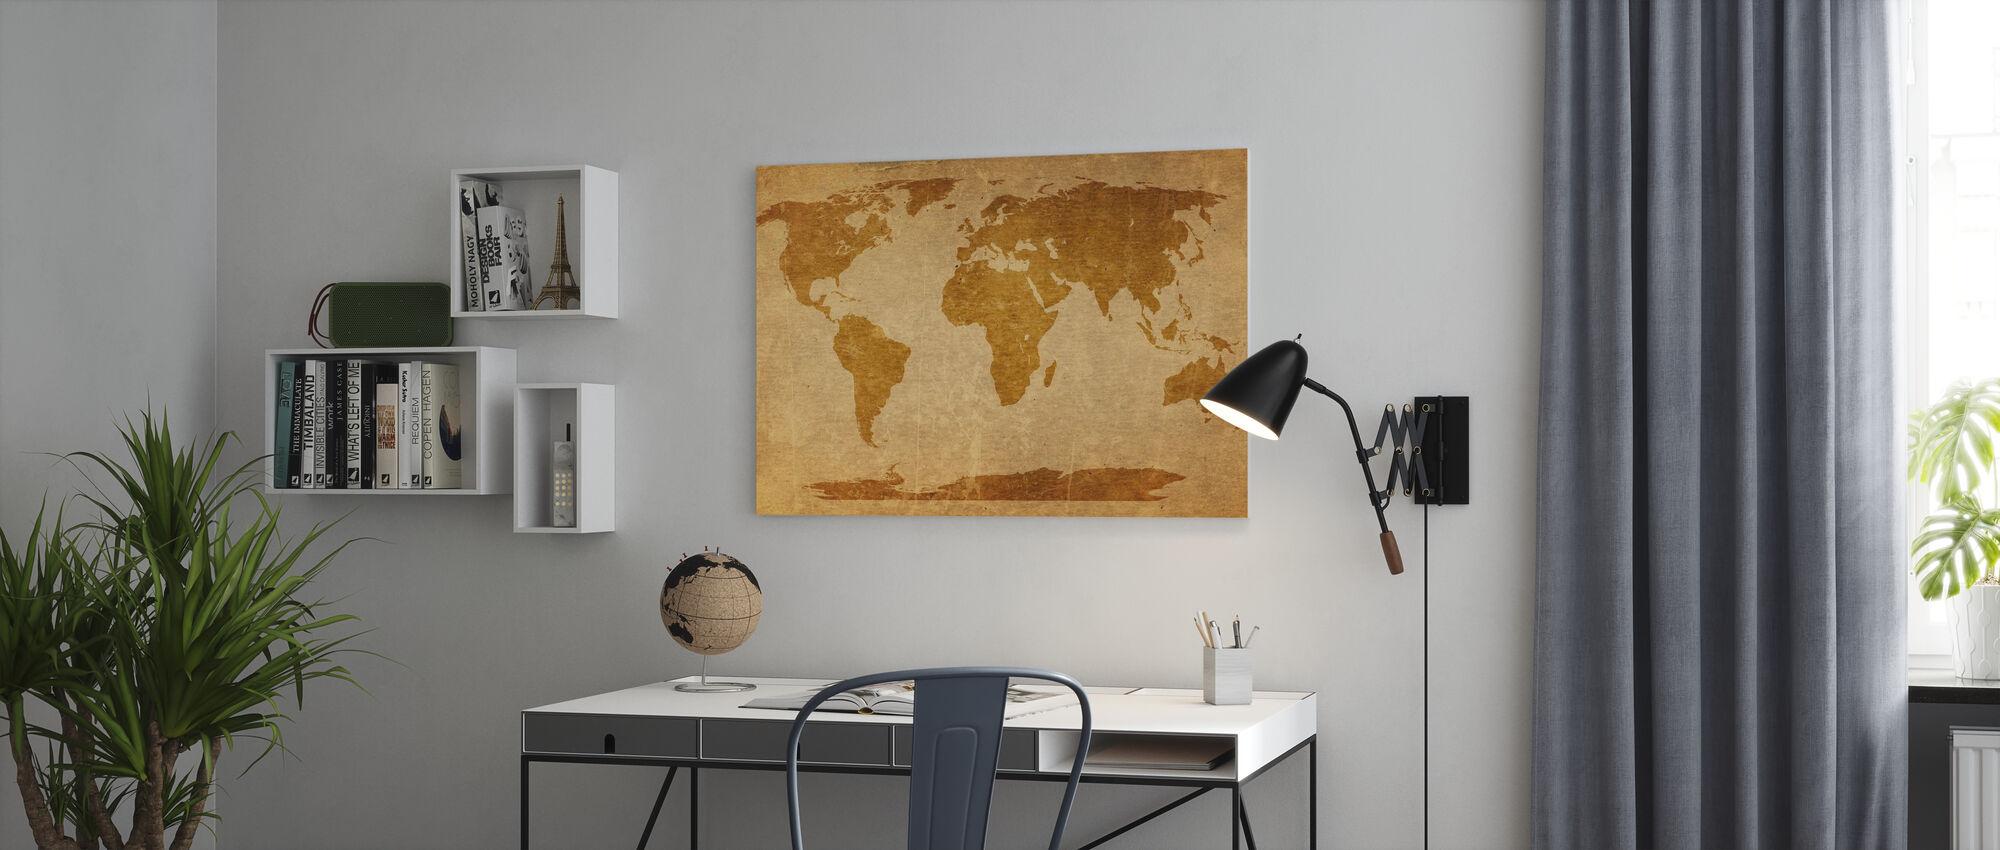 Sepia World Karta - Canvastavla - Kontor